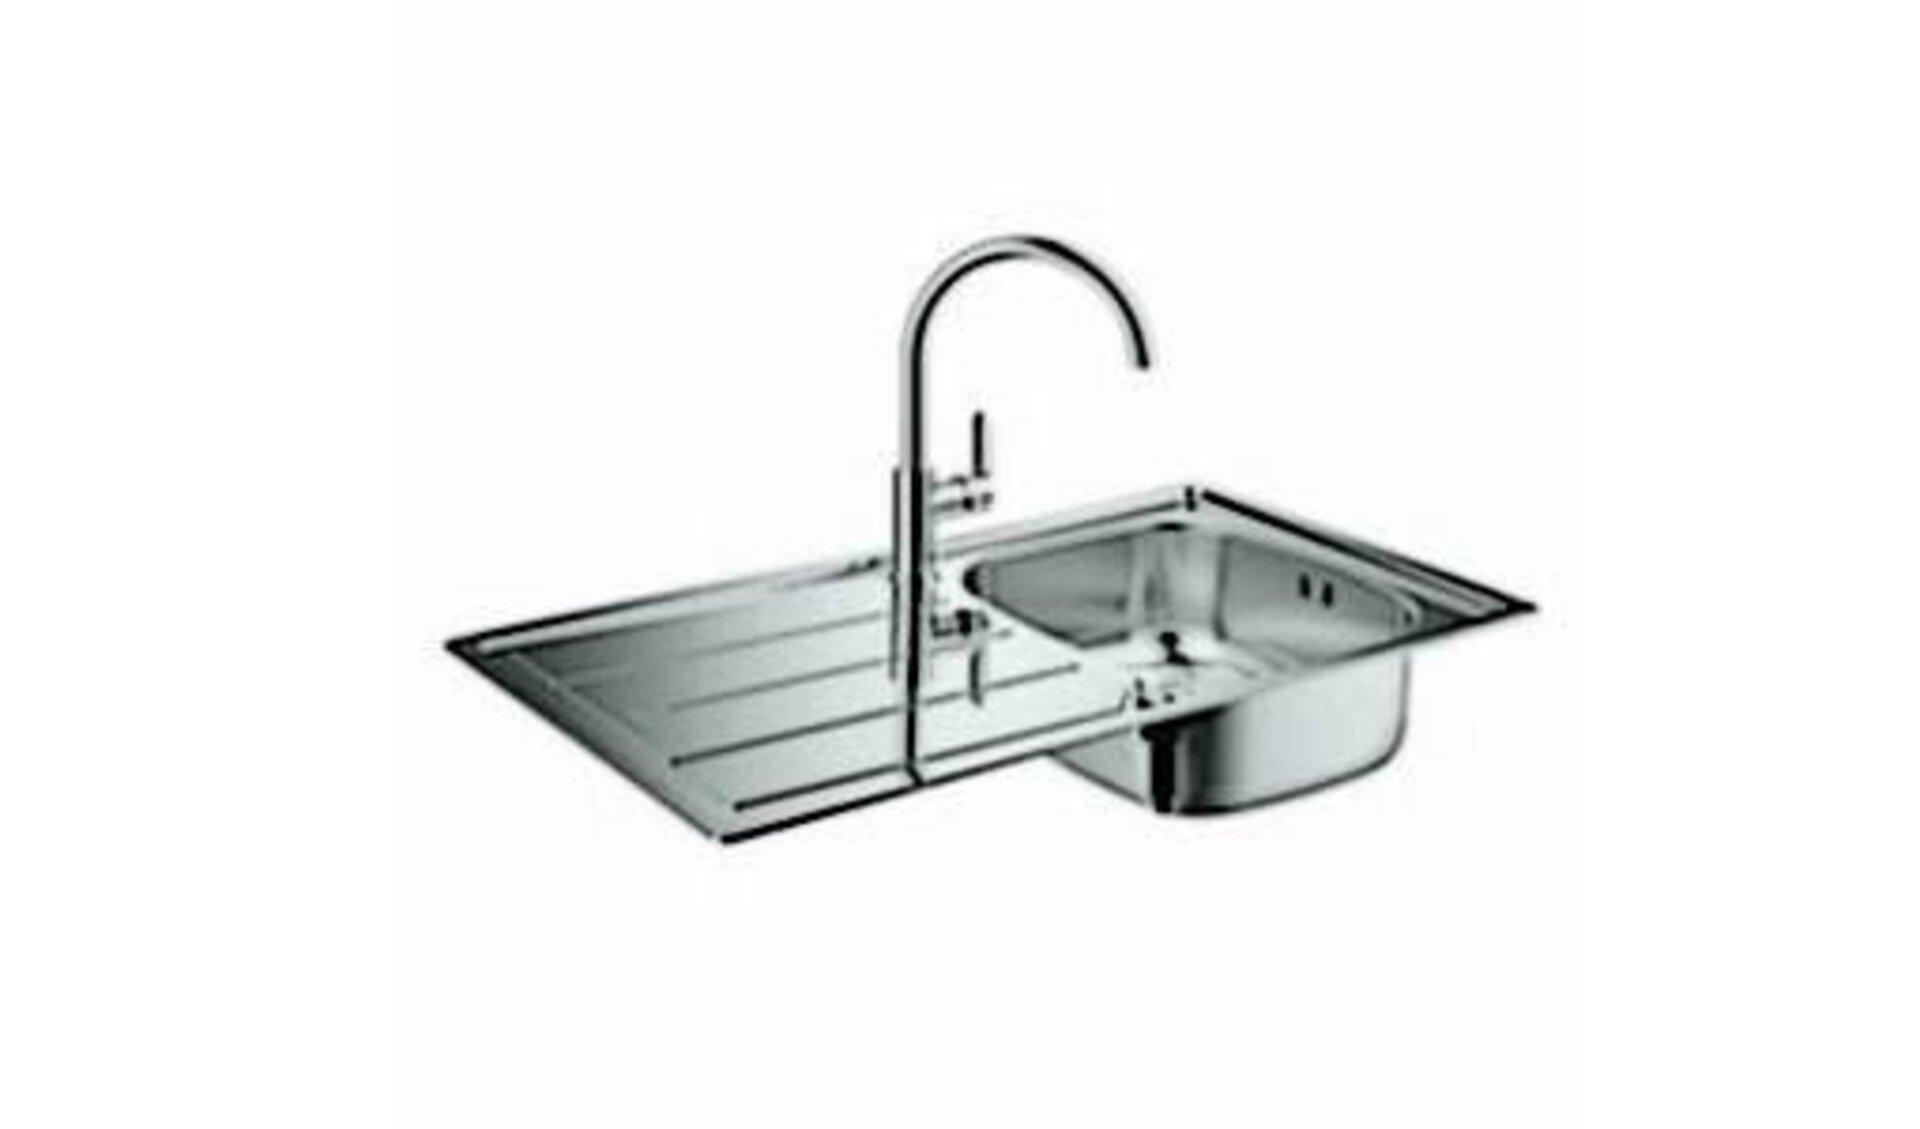 Spüle aus Edelstahl mitAbtropffläche für das Geschirr und hohem, gebogenem Wasserhahn steht für alle Spülen innerhalb der Küchenwelt.